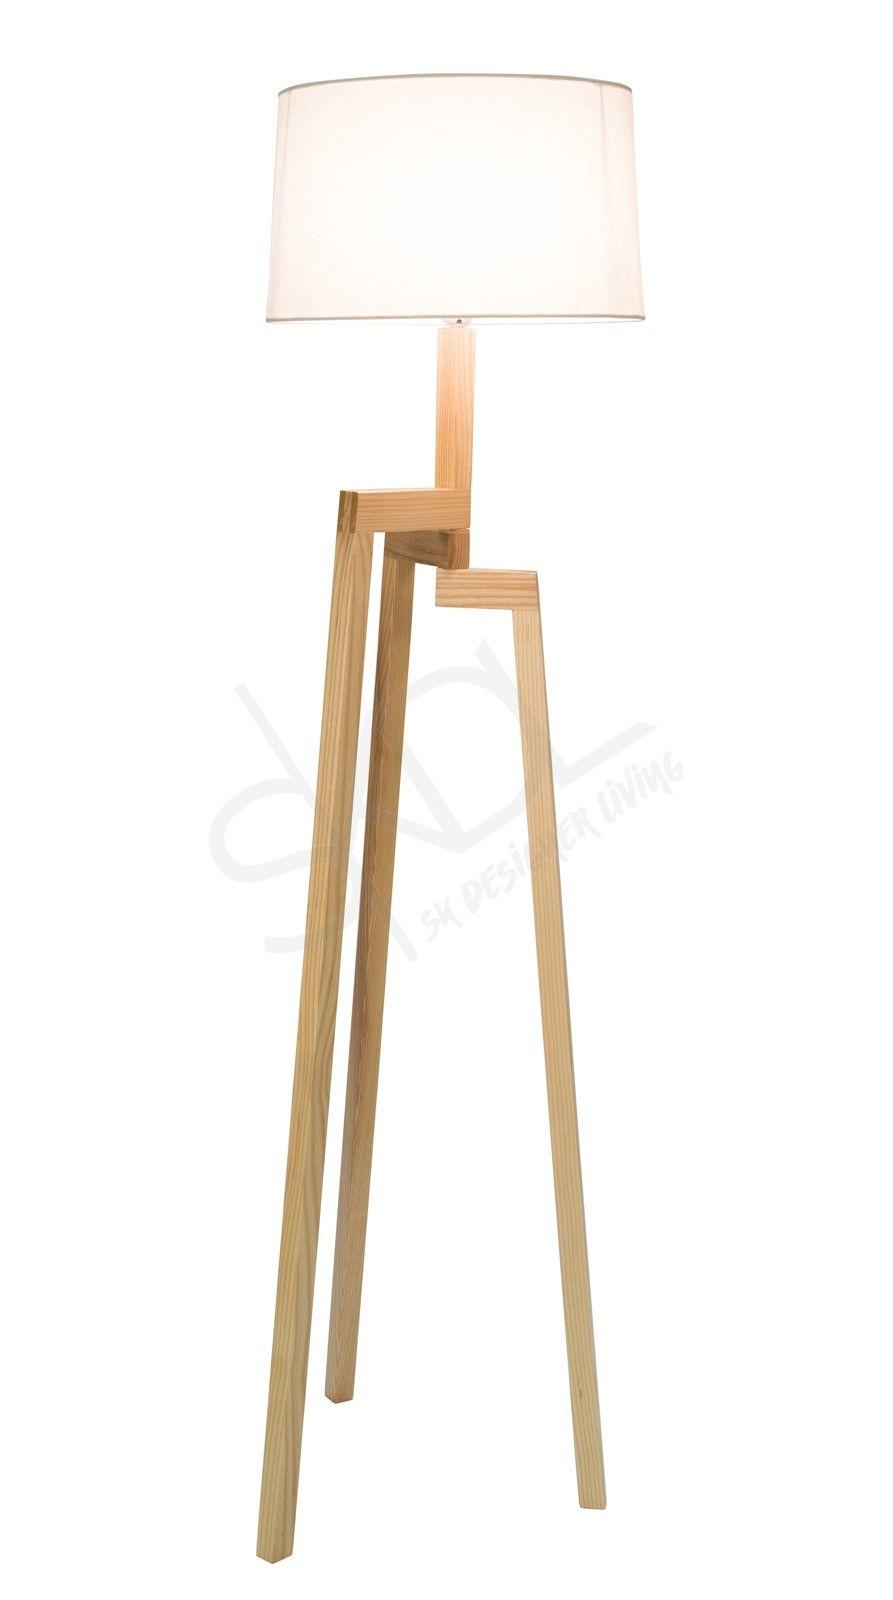 Thor Scandinavian Floor Lamp Natural Wood Tripod Ivory Shade Scandinavian Floor Lamps Lamp Floor Lamp